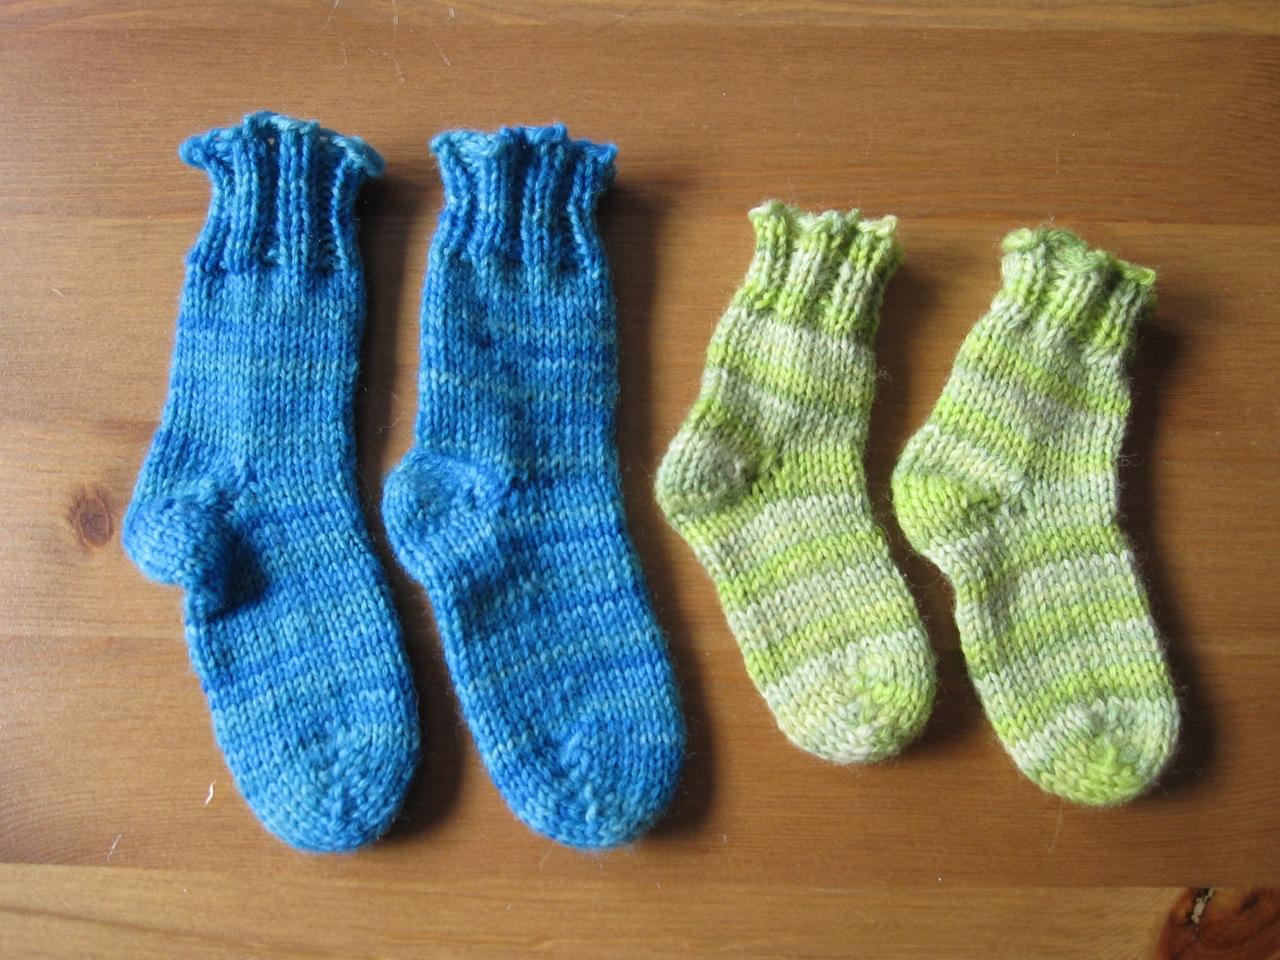 Tiny baby socks! Awww!